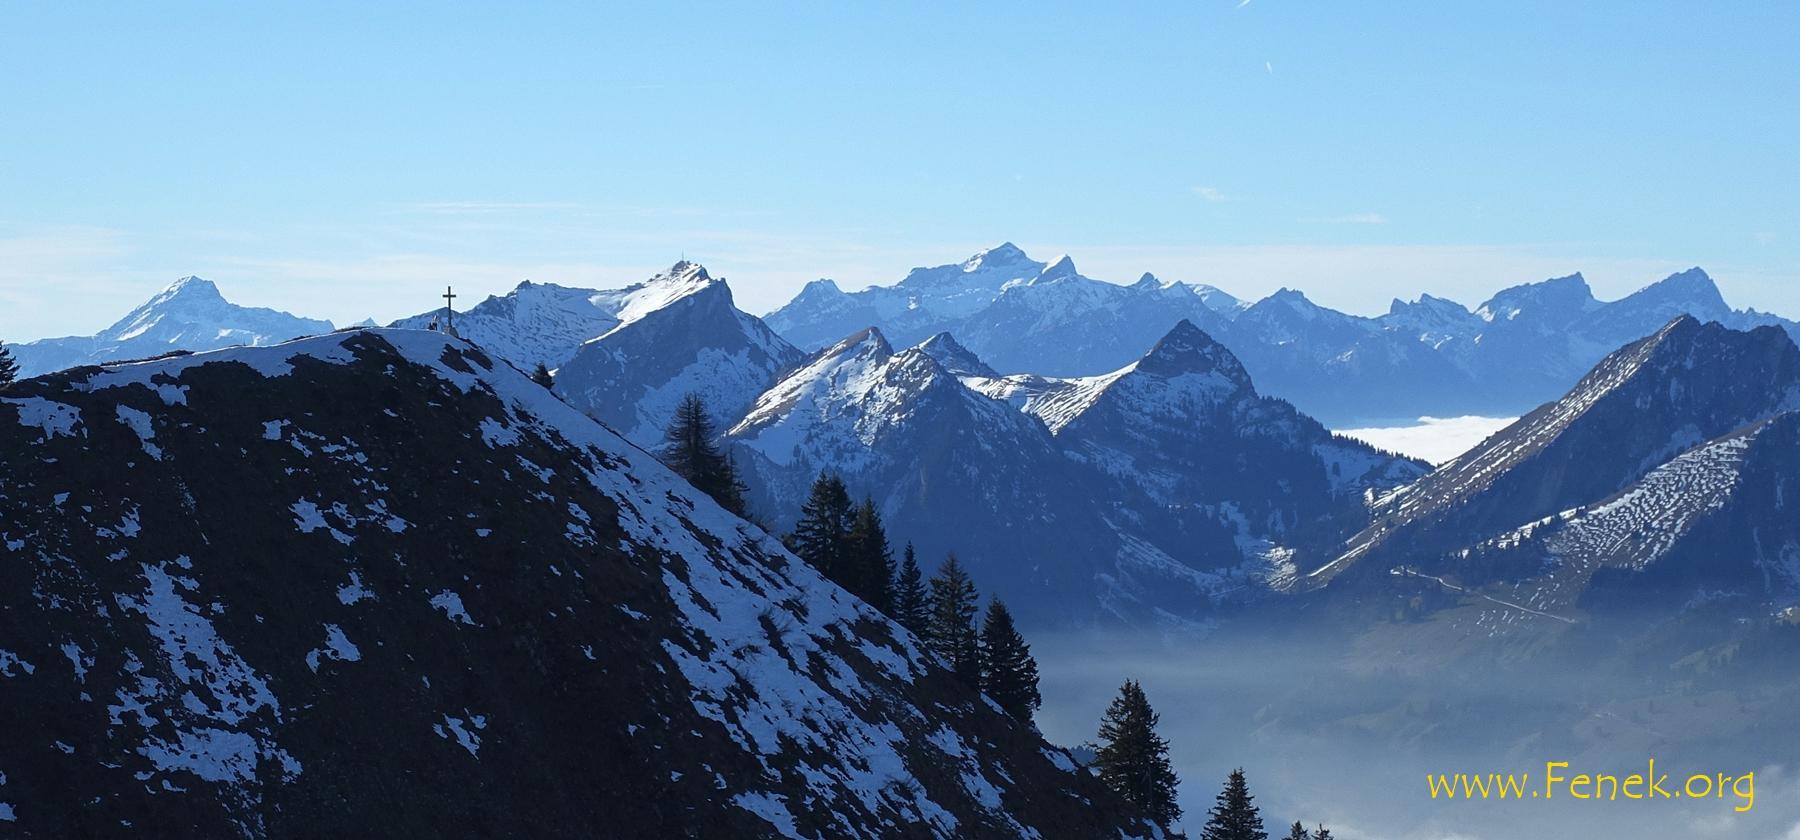 Gipfelkreuz - rechts davon Rochers de Naye